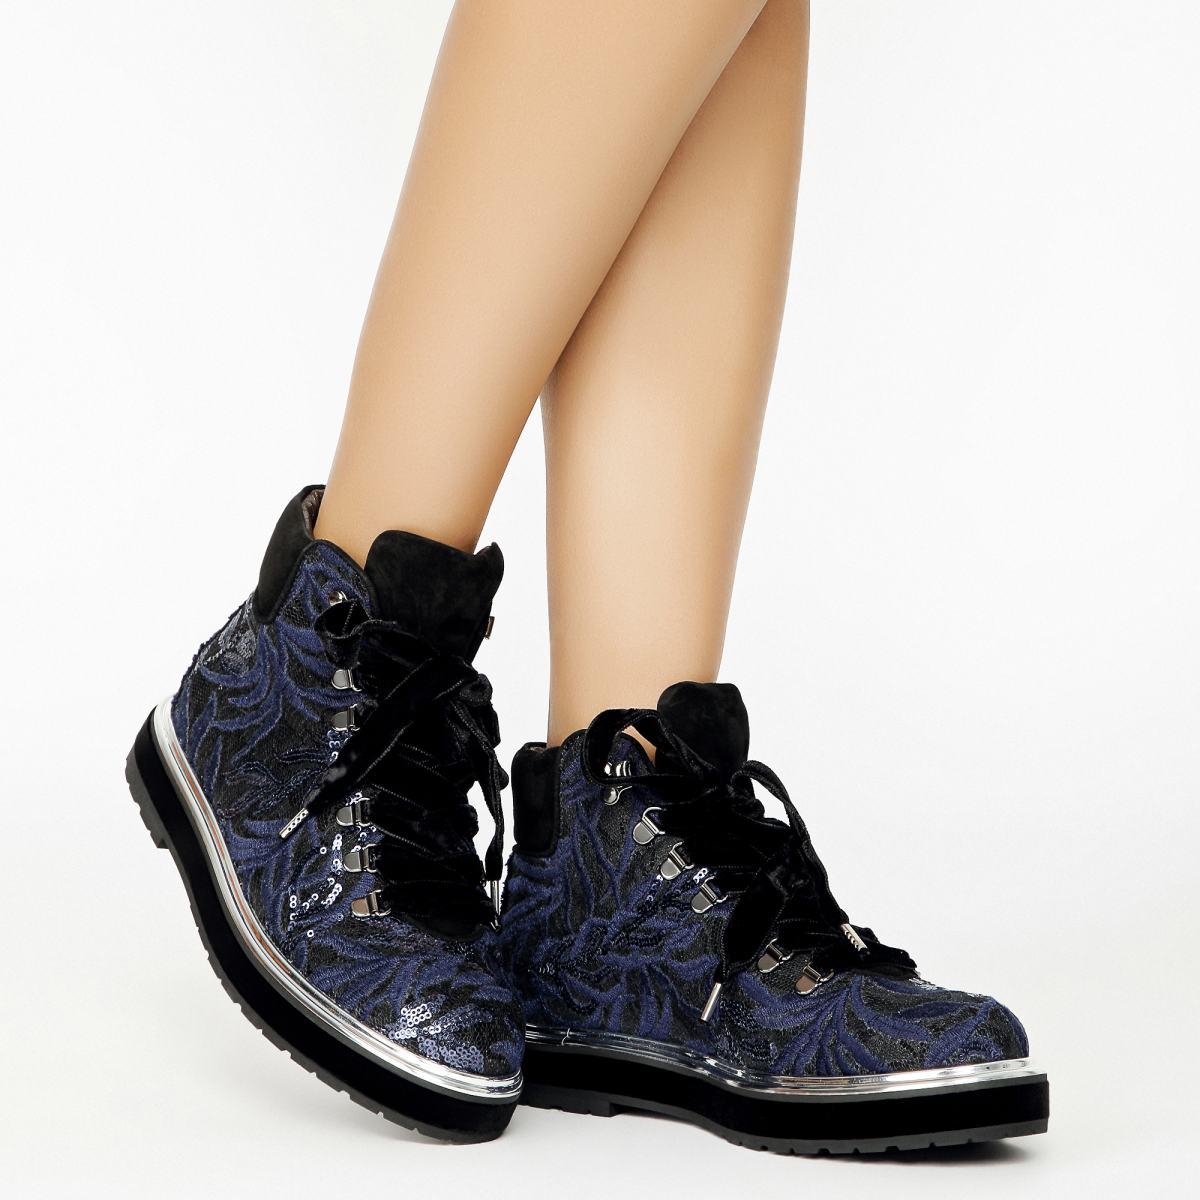 gallery_1_novaja-kollekcija-agl-dlja-cenitelej-stilnoj-obuvi-2